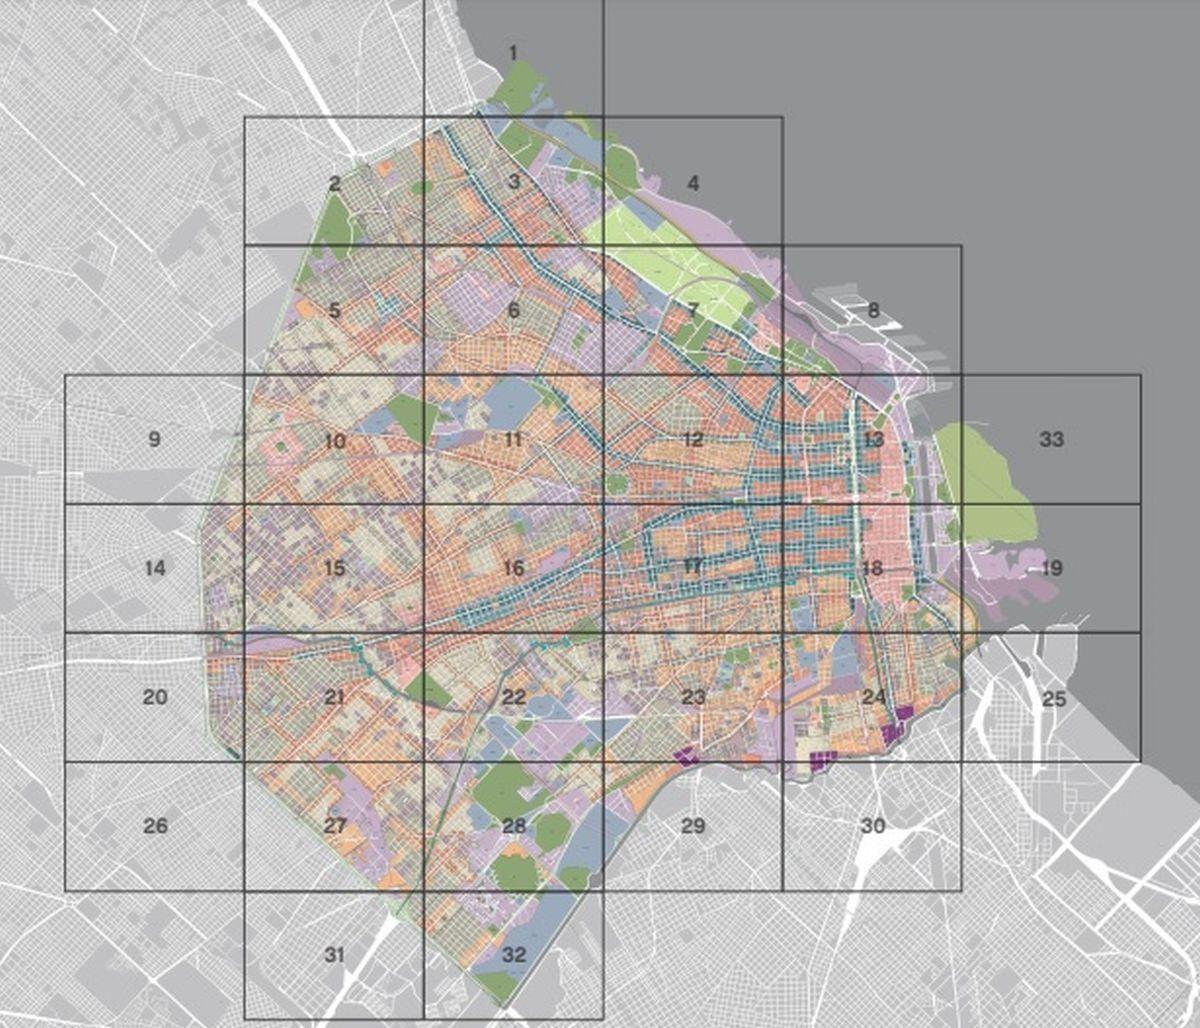 legisladores portenos debatiran hoy 16 convenios urbanisticos firmados por el ejecutivo local